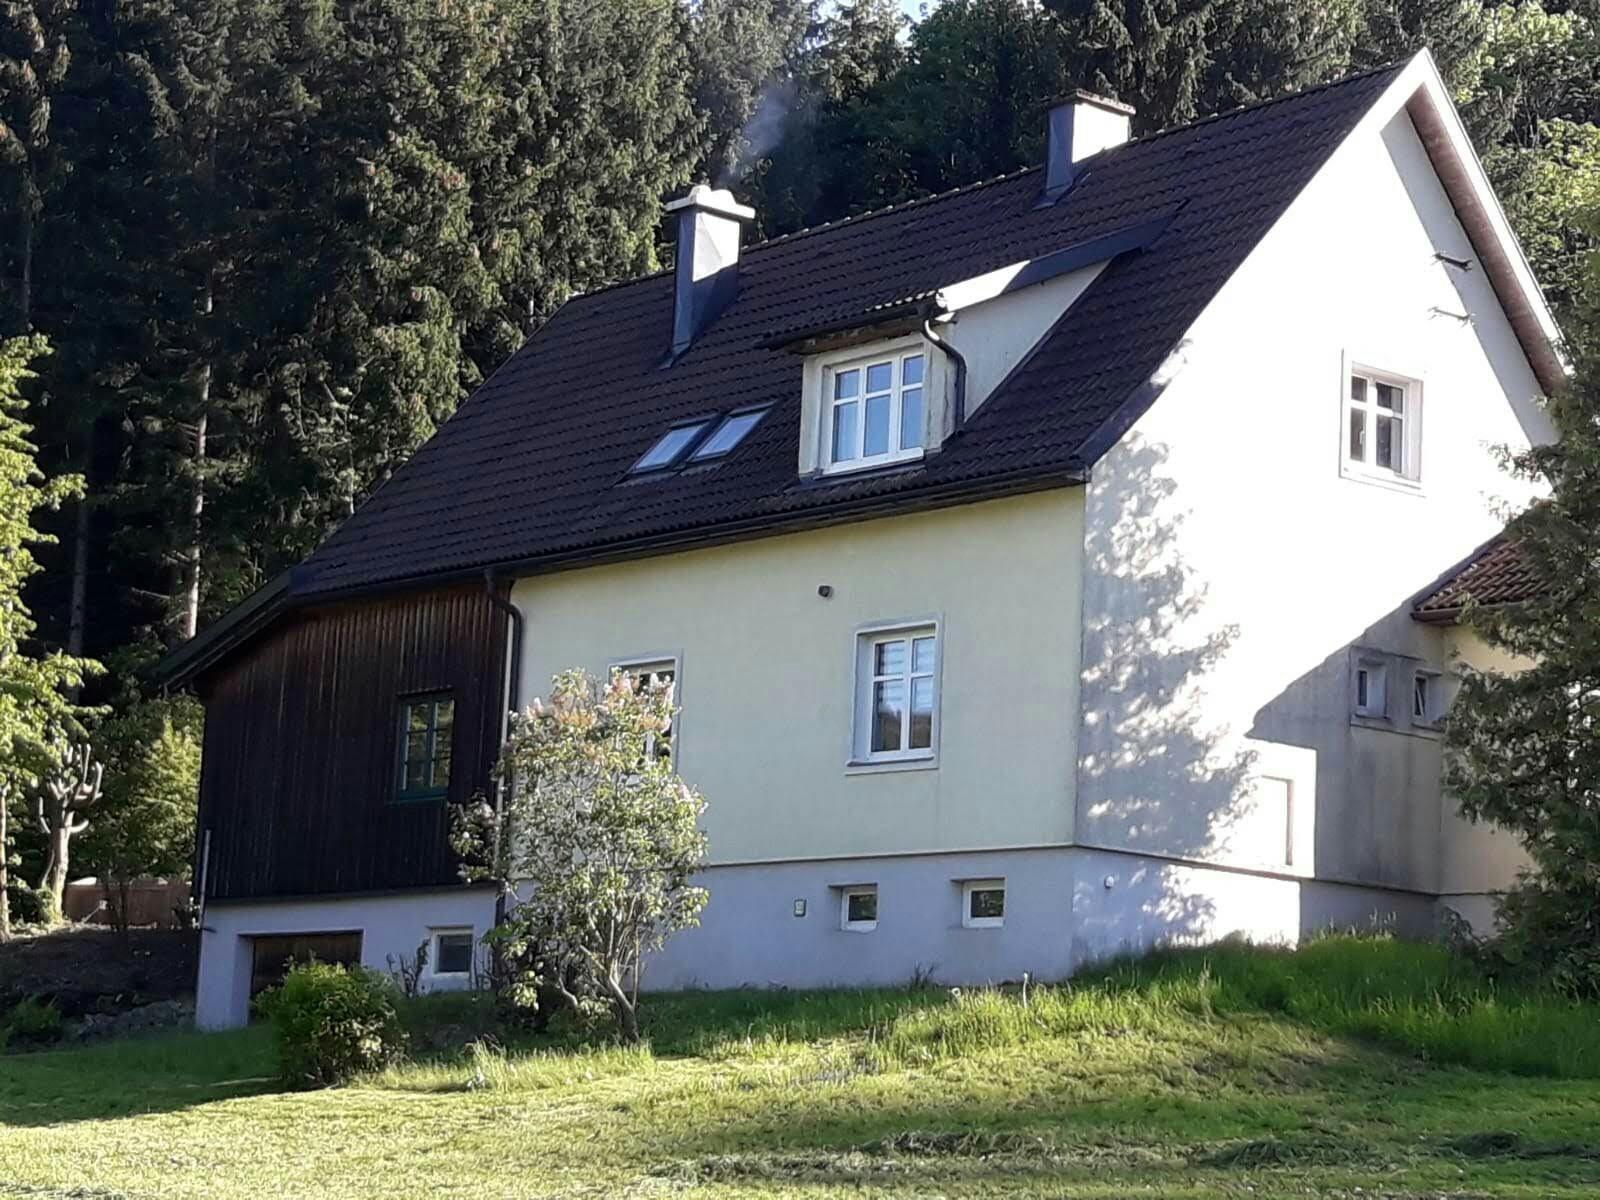 43-2017 - Alle Veranstaltungen im Bezirk Scheibbs - calrice.net